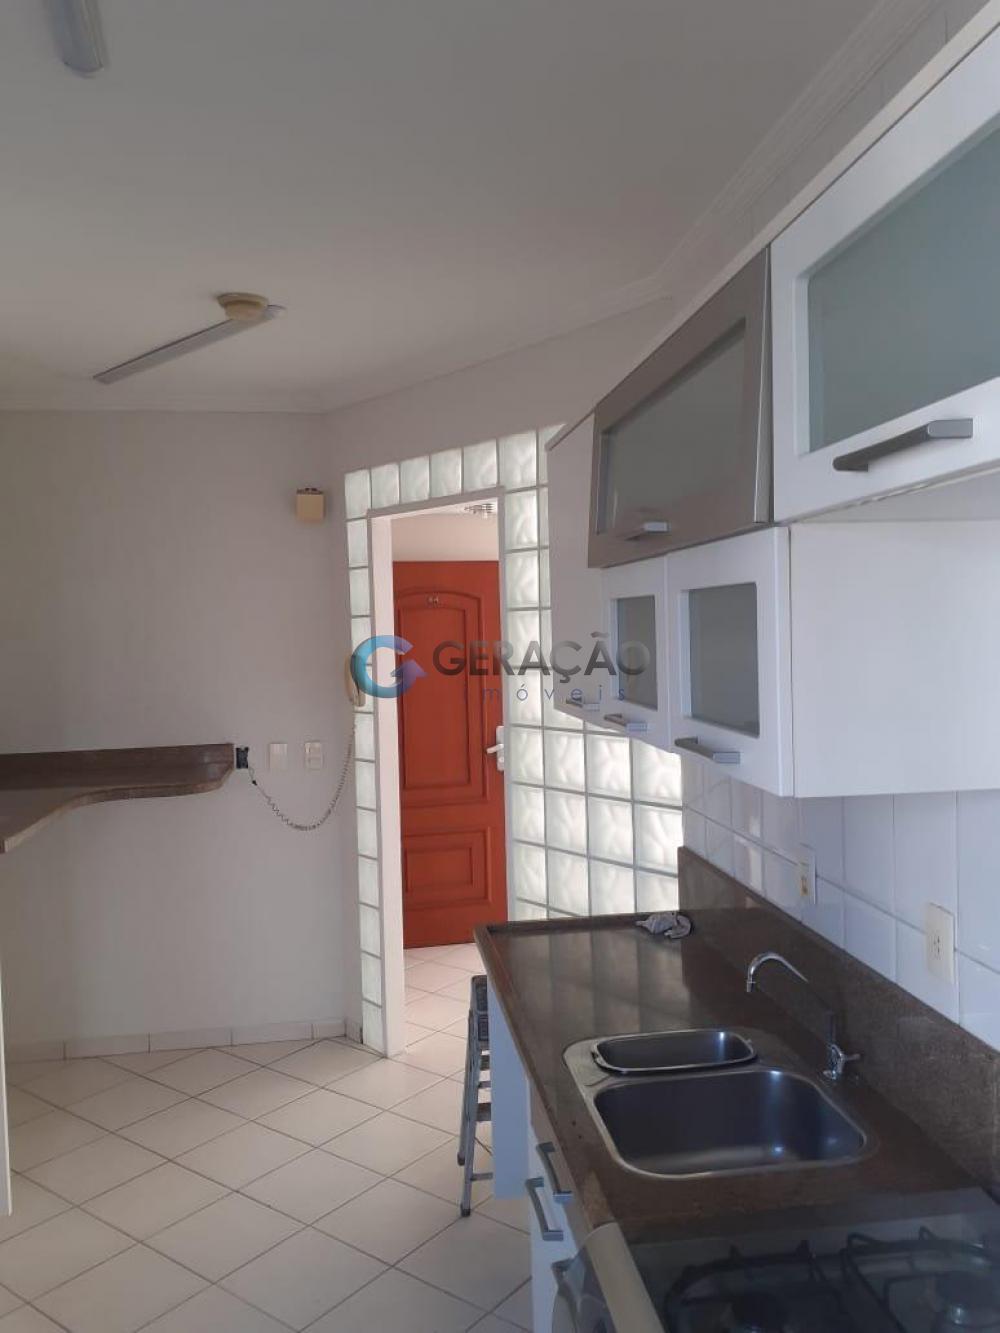 Alugar Apartamento / Padrão em São José dos Campos R$ 1.650,00 - Foto 7